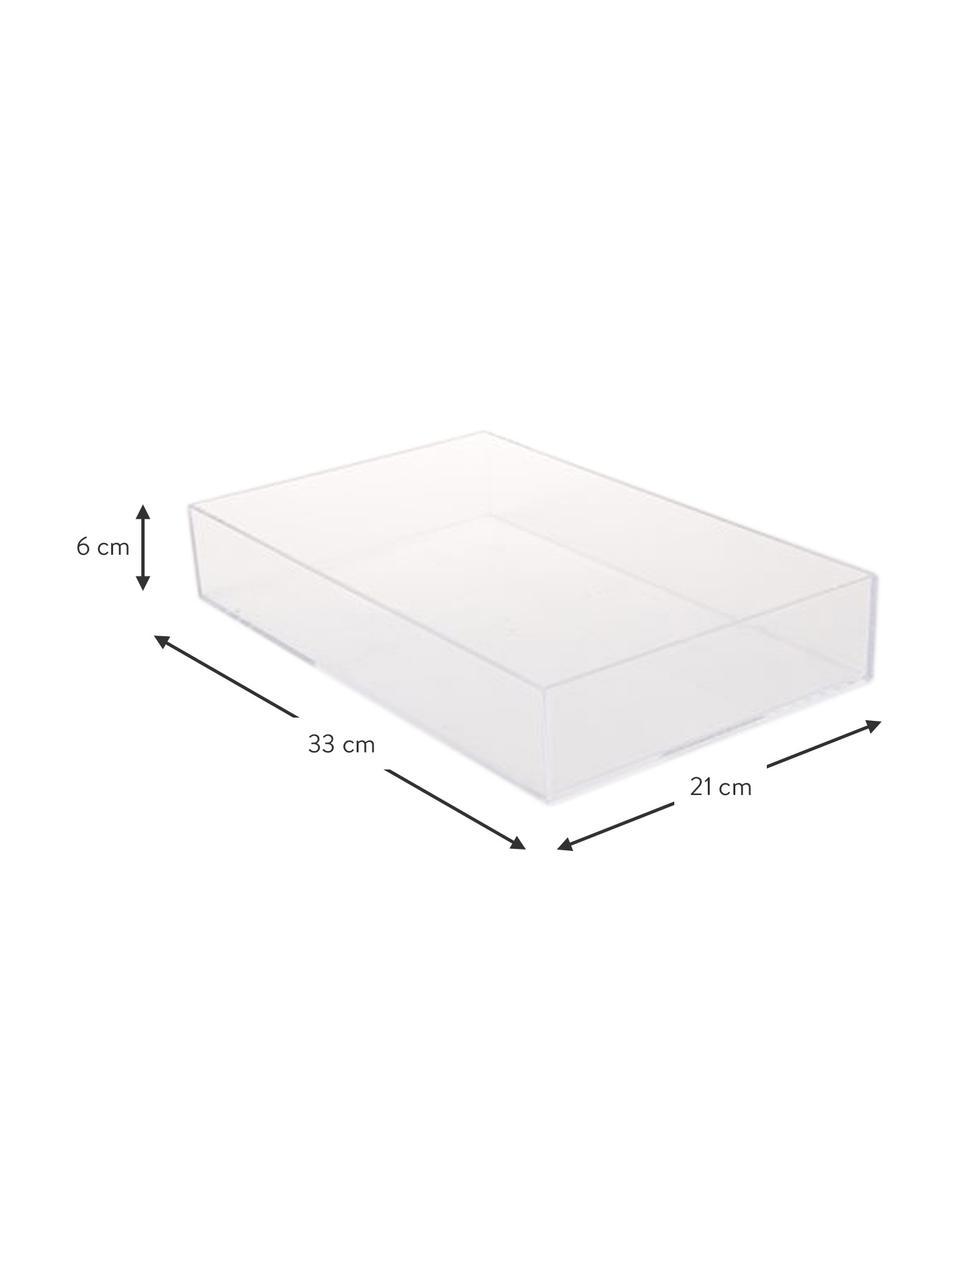 Tablett Clear, Acryl, Transparent, 21 x 33 cm